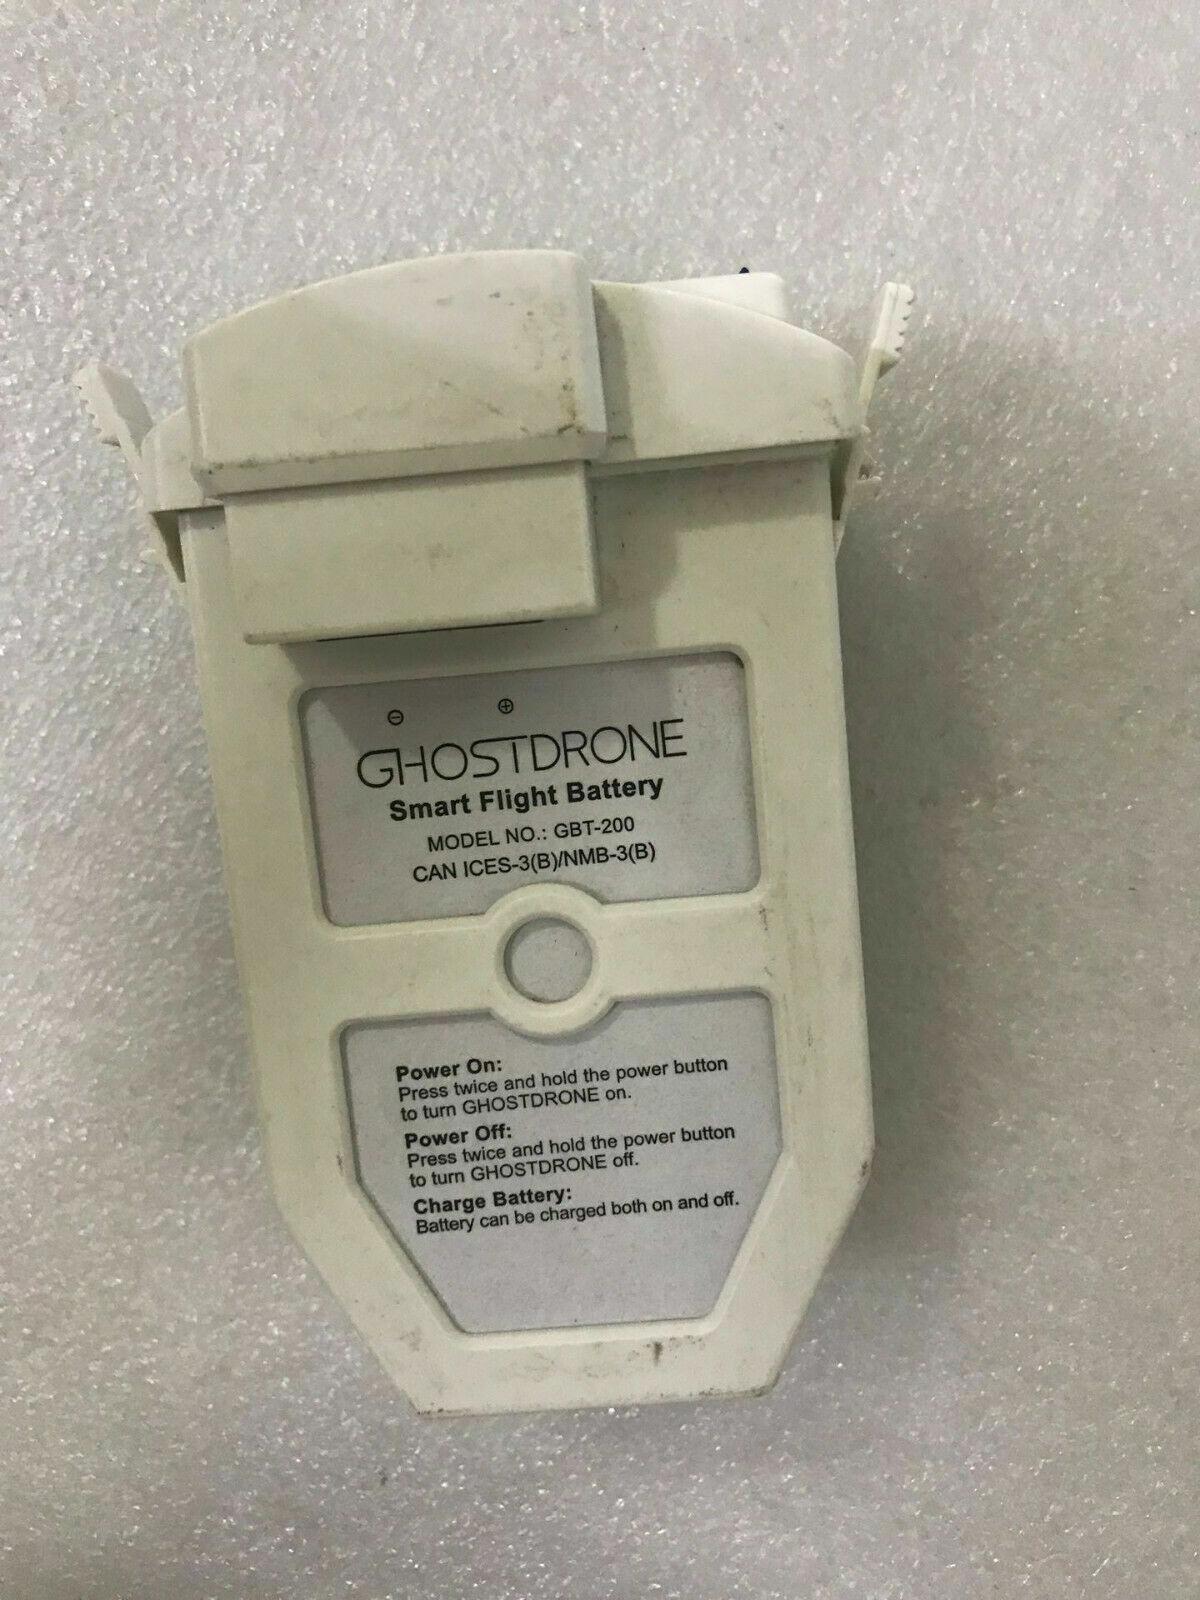 GBT-200 Original 4500mAh 67Wh 14.8V EHANG Battery For Ghostdrone 2.0 - WHITE